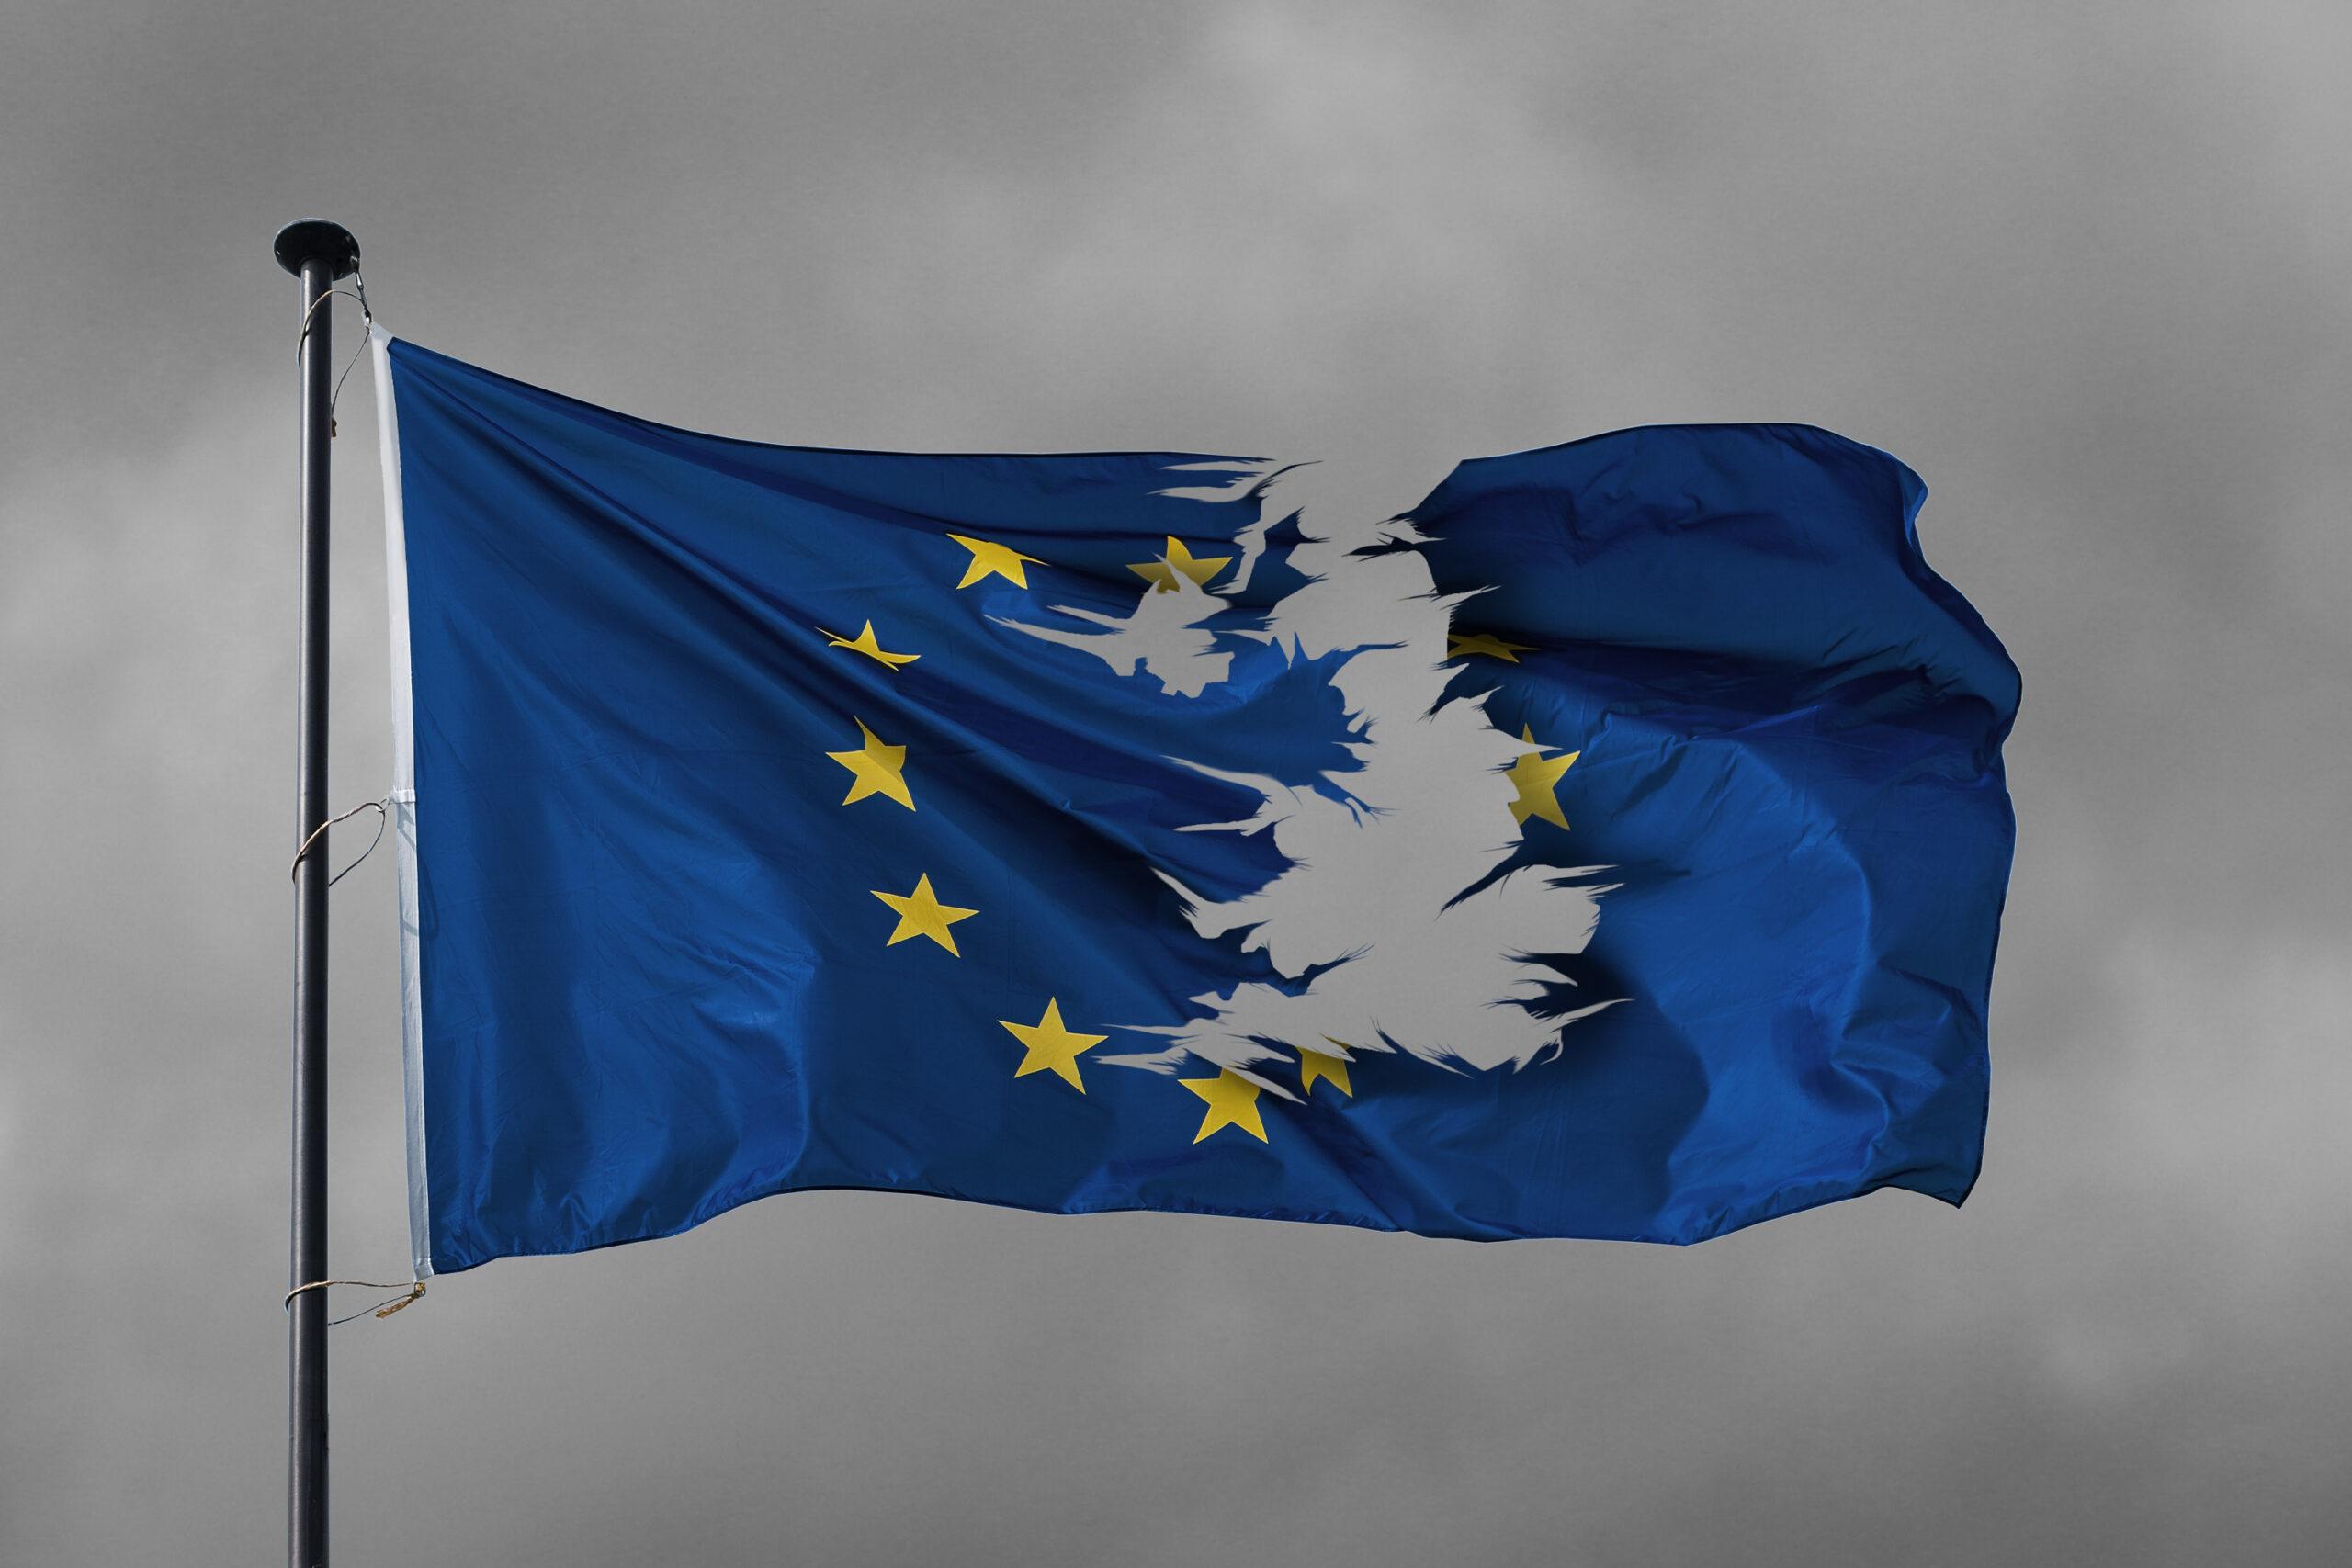 FY_vlag_brexit_31012020_TIJD_web_ipadgraph